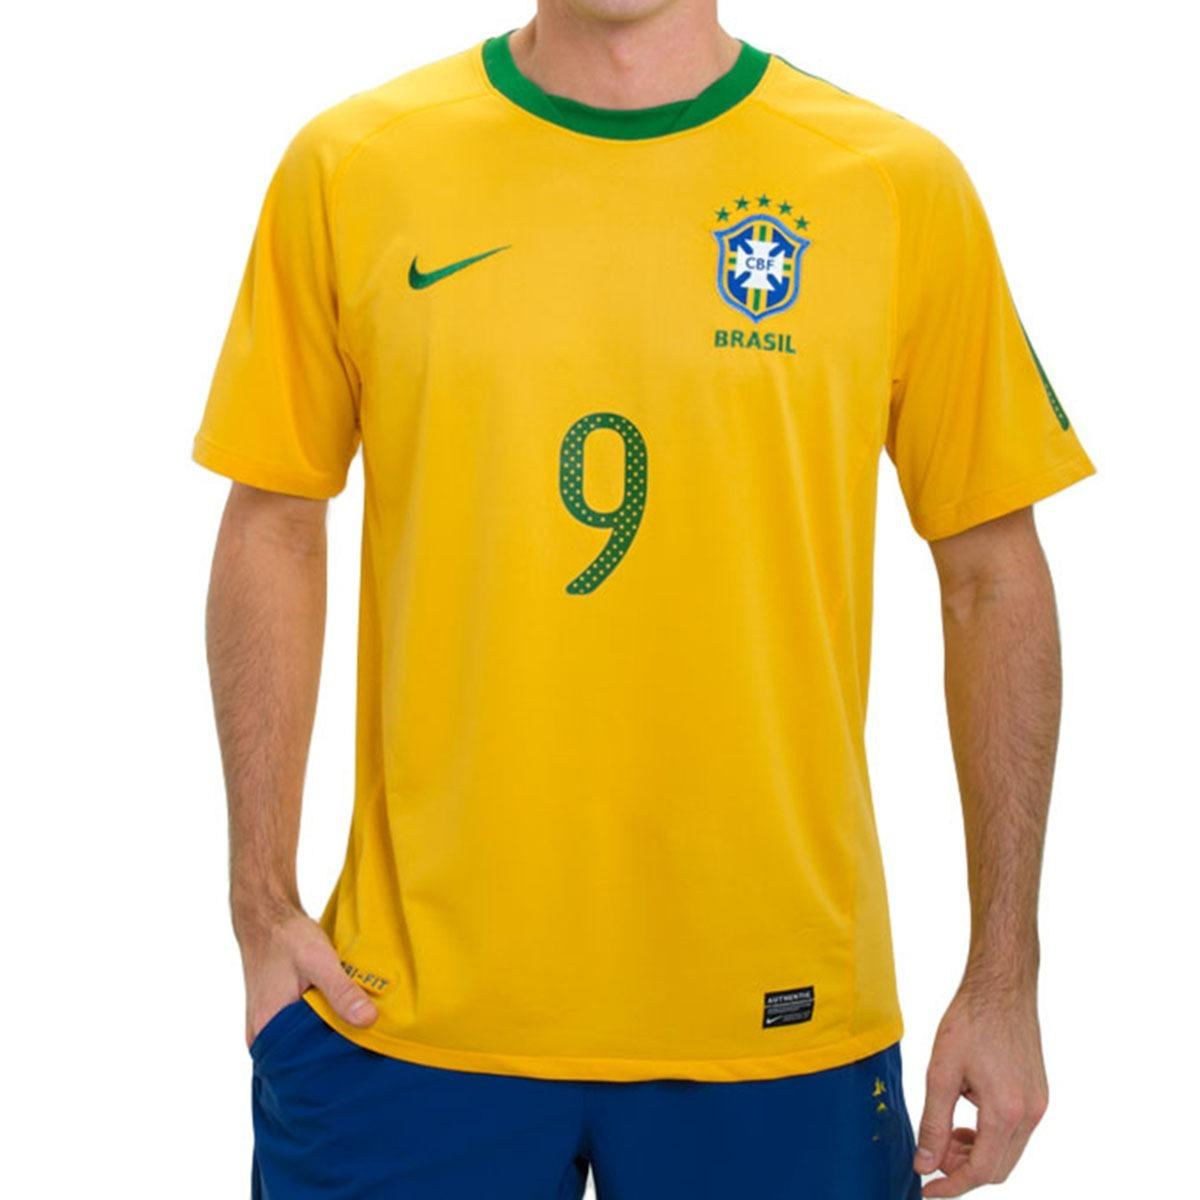 Camisa Nike Brasil Cbf 2010 Original Nova +tag +nf Fr Grátis - R ... 15cbe3e0f4421